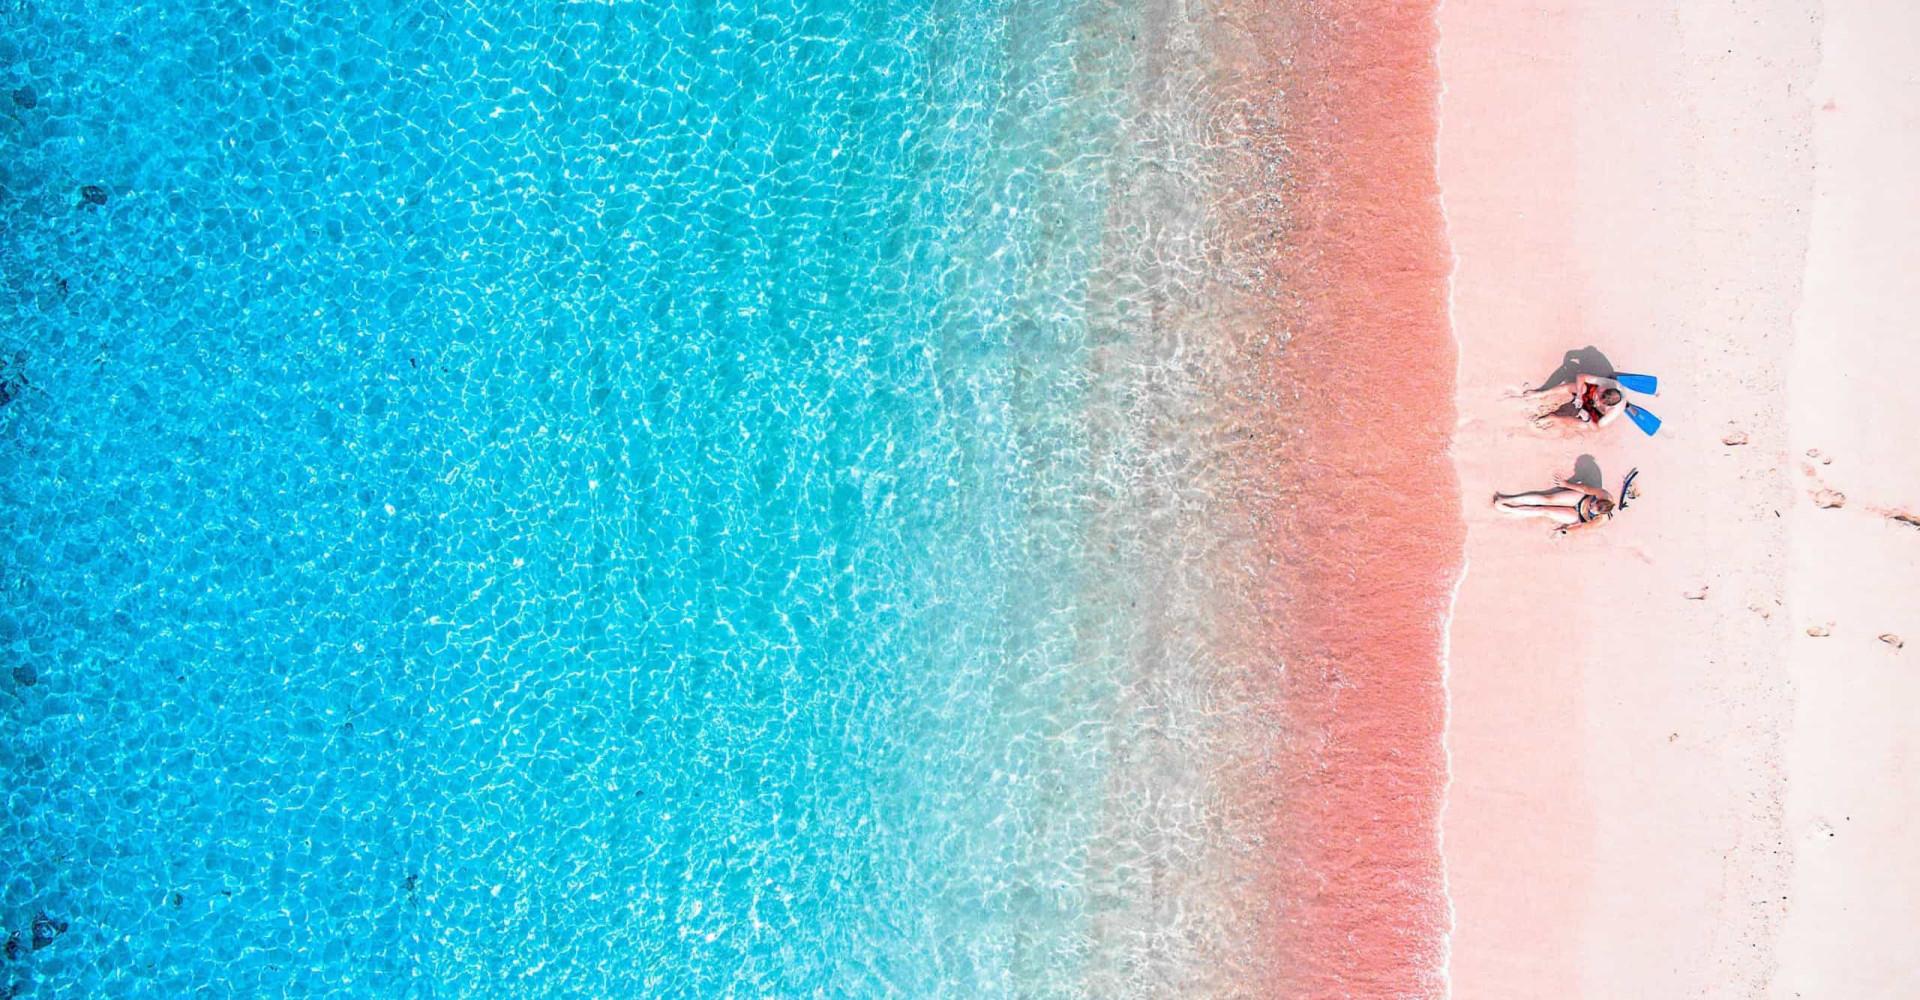 Visste du att det finns stränder som är lila, rosa eller gröna?